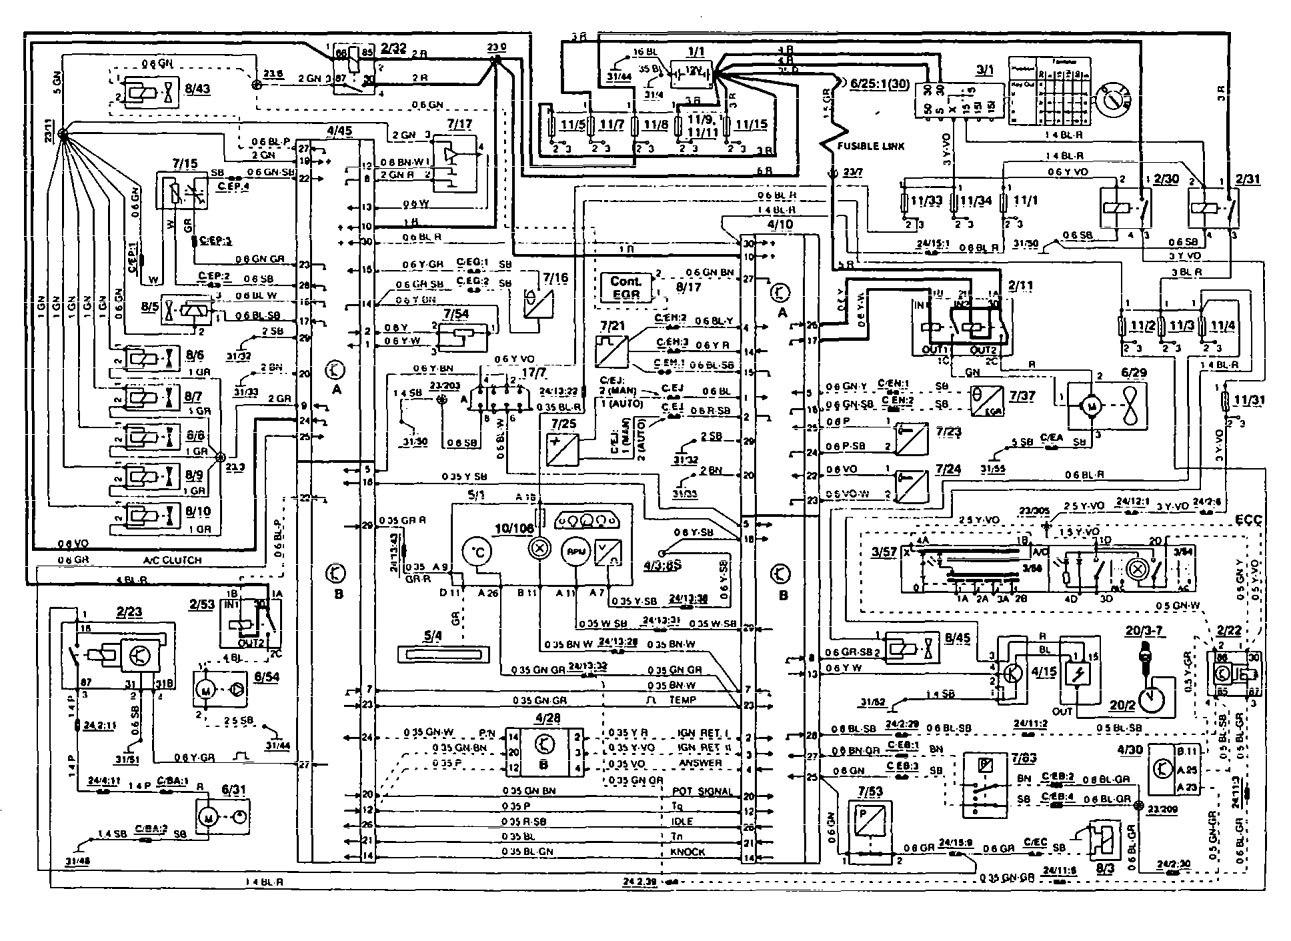 Oldsmobile Cruise Control Diagram : Oldsmobile achieva engine diagram auto